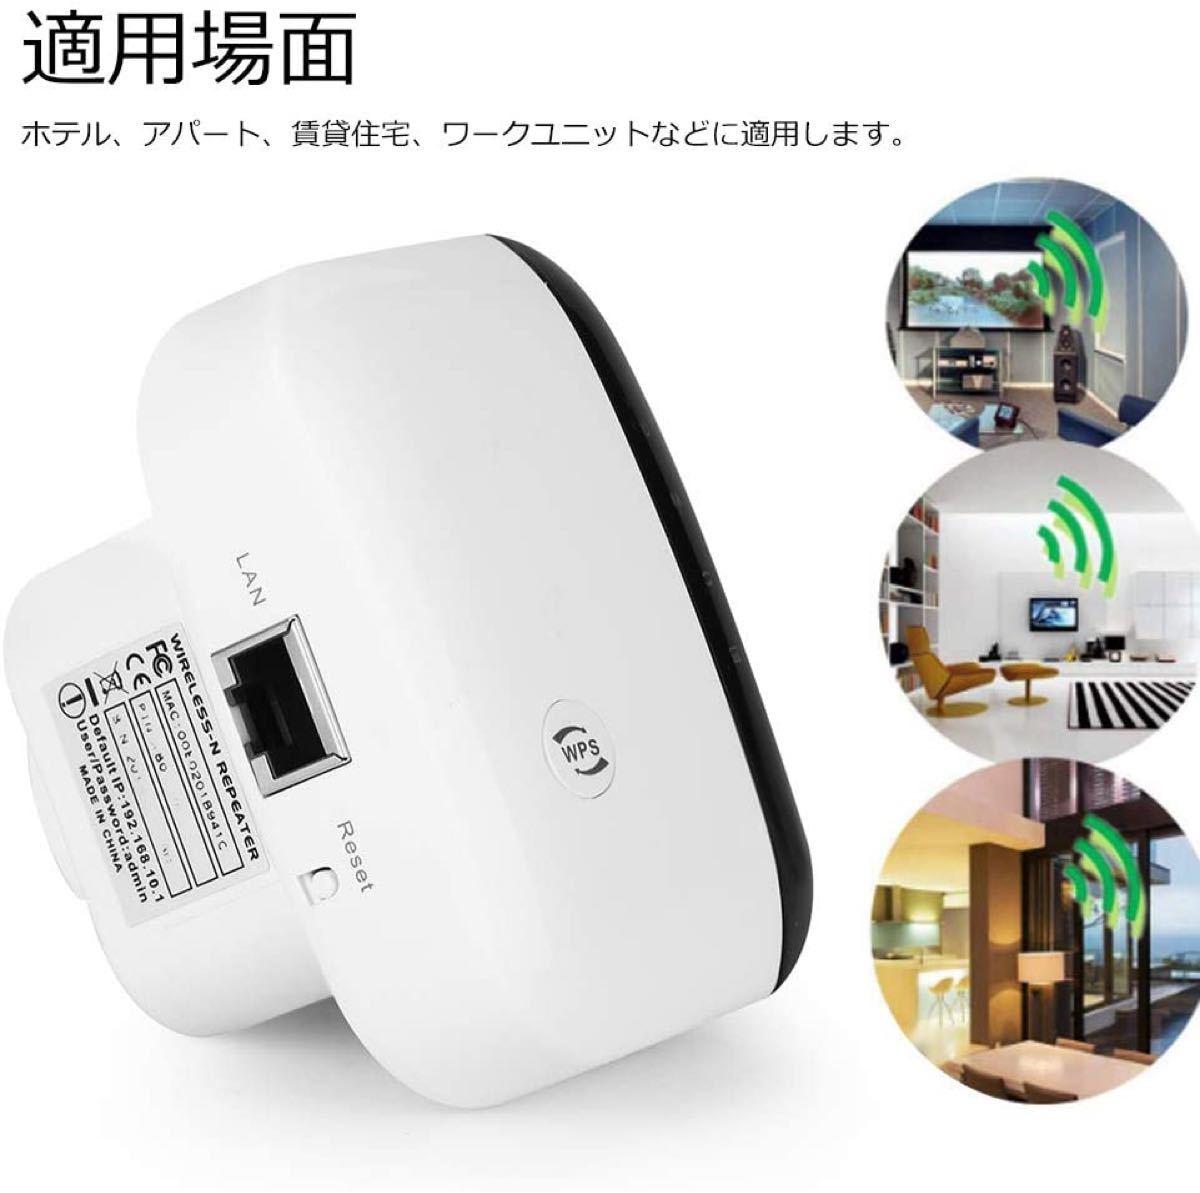 無線LAN中継機 無線LAN中継器 Wi-Fi リピーター